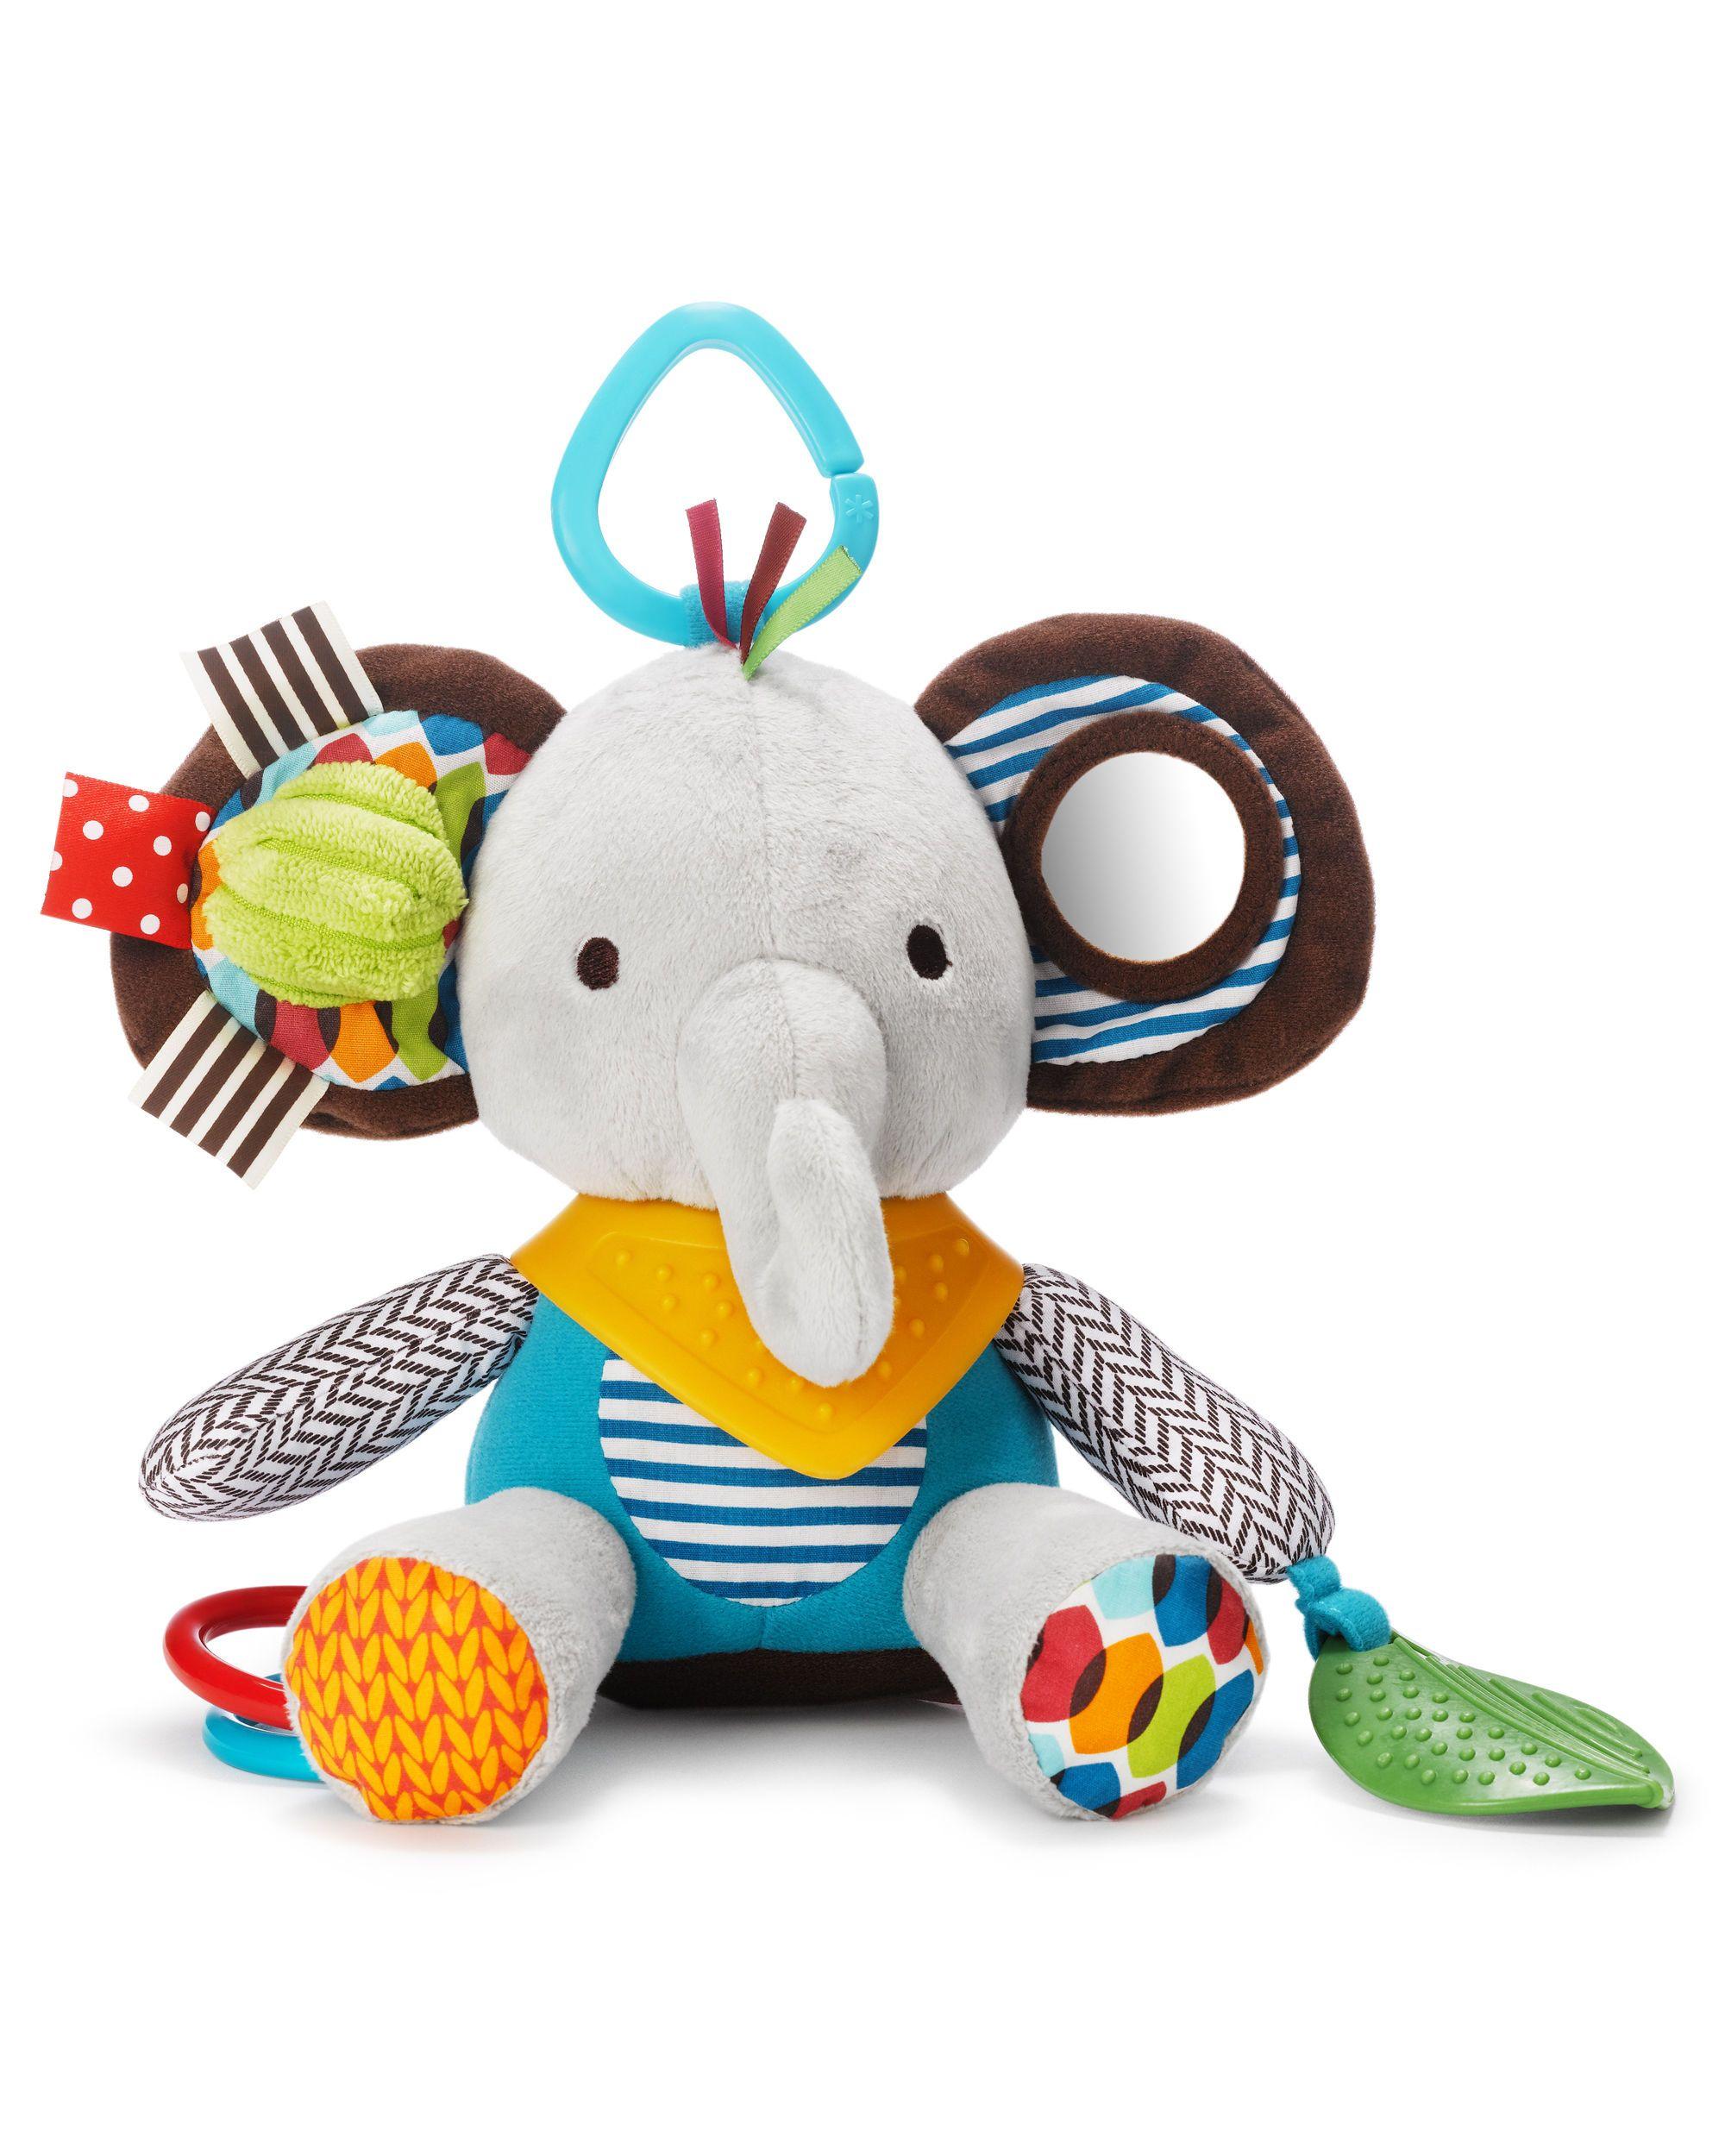 Bandana Buddies Activity Toy Elephant Plush Infant Activities Baby Toys